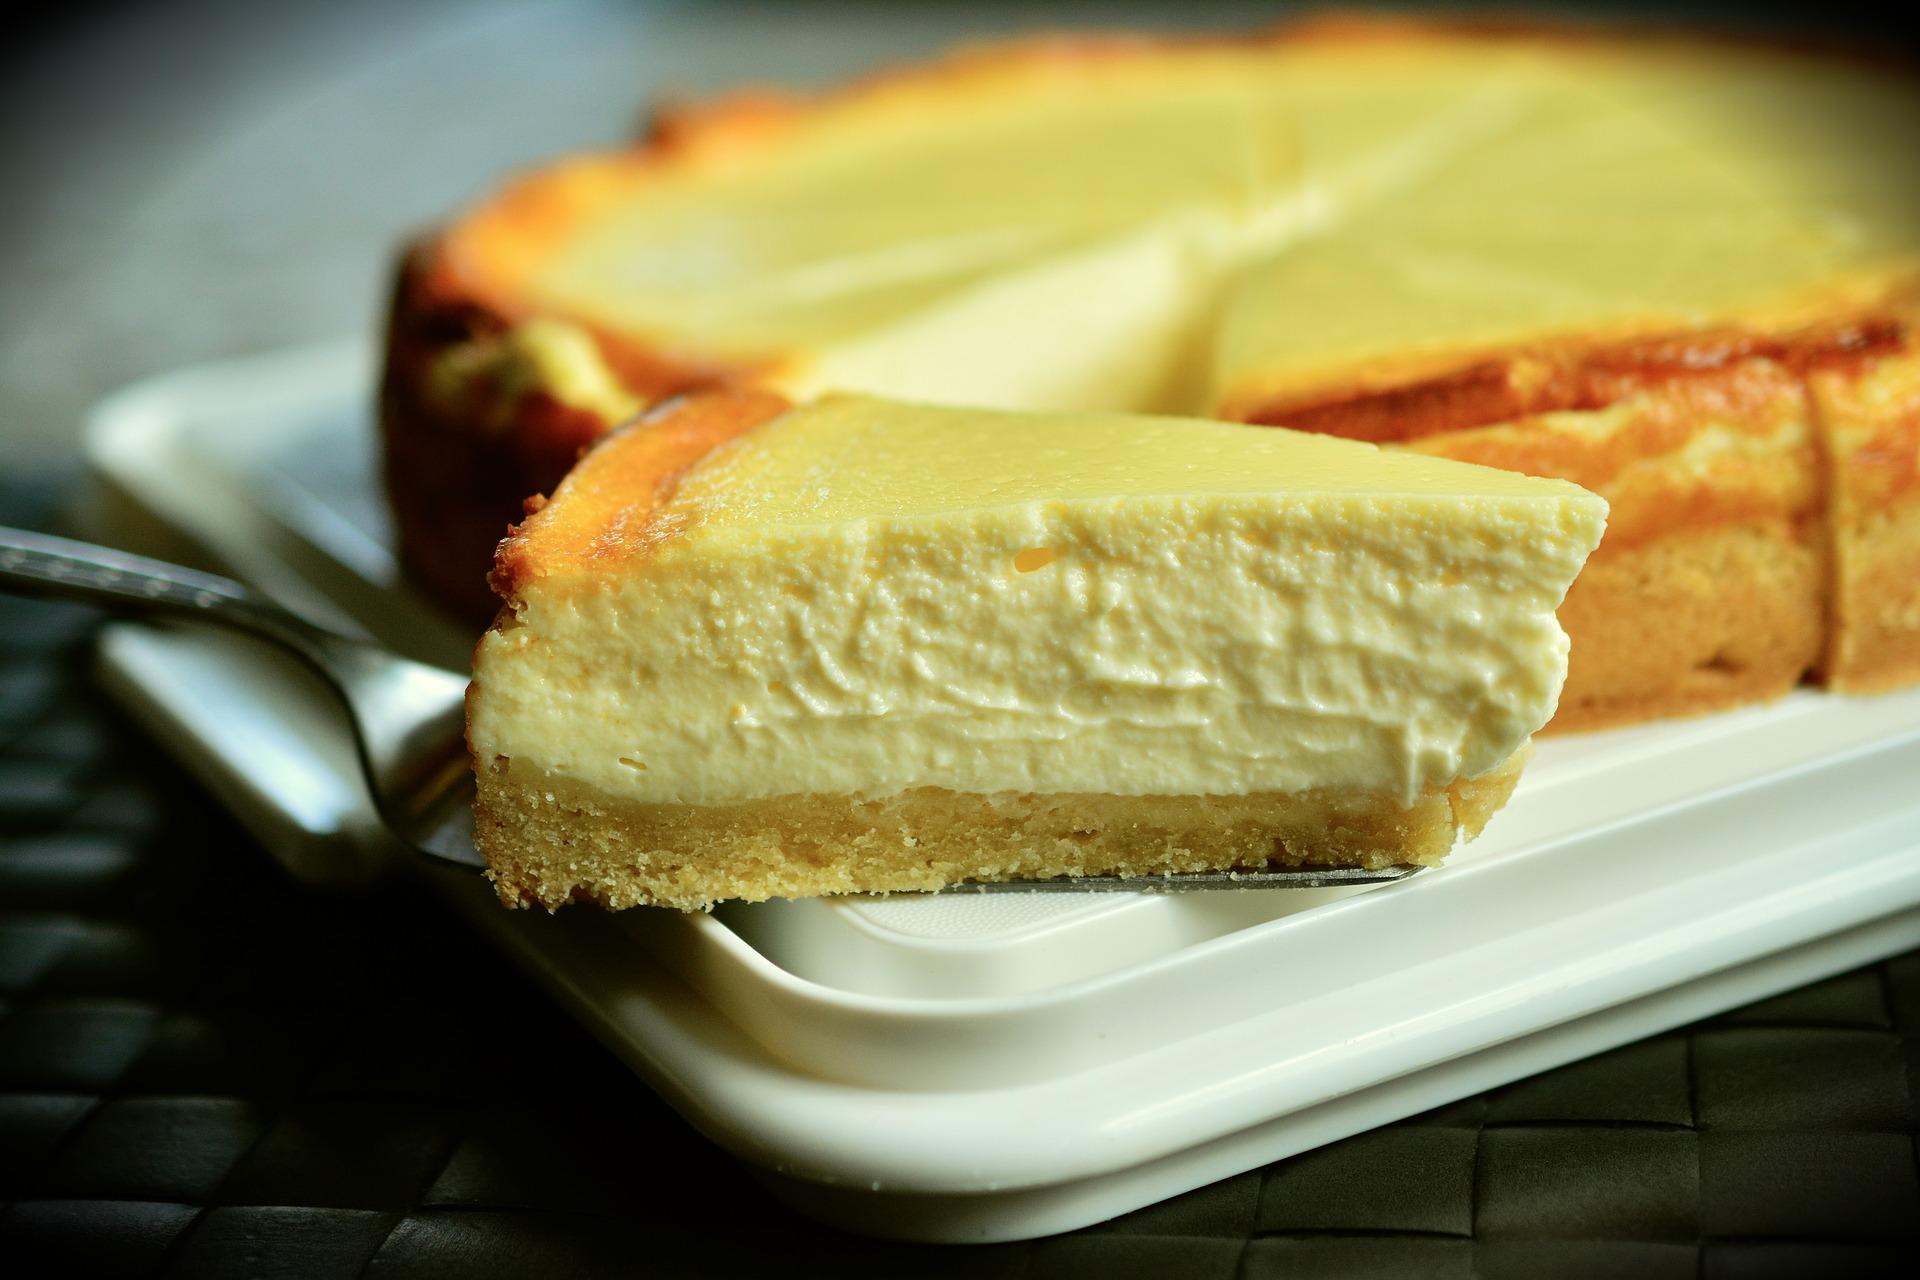 Cheesecake con galleta María, clásica receta de la tarta de queso